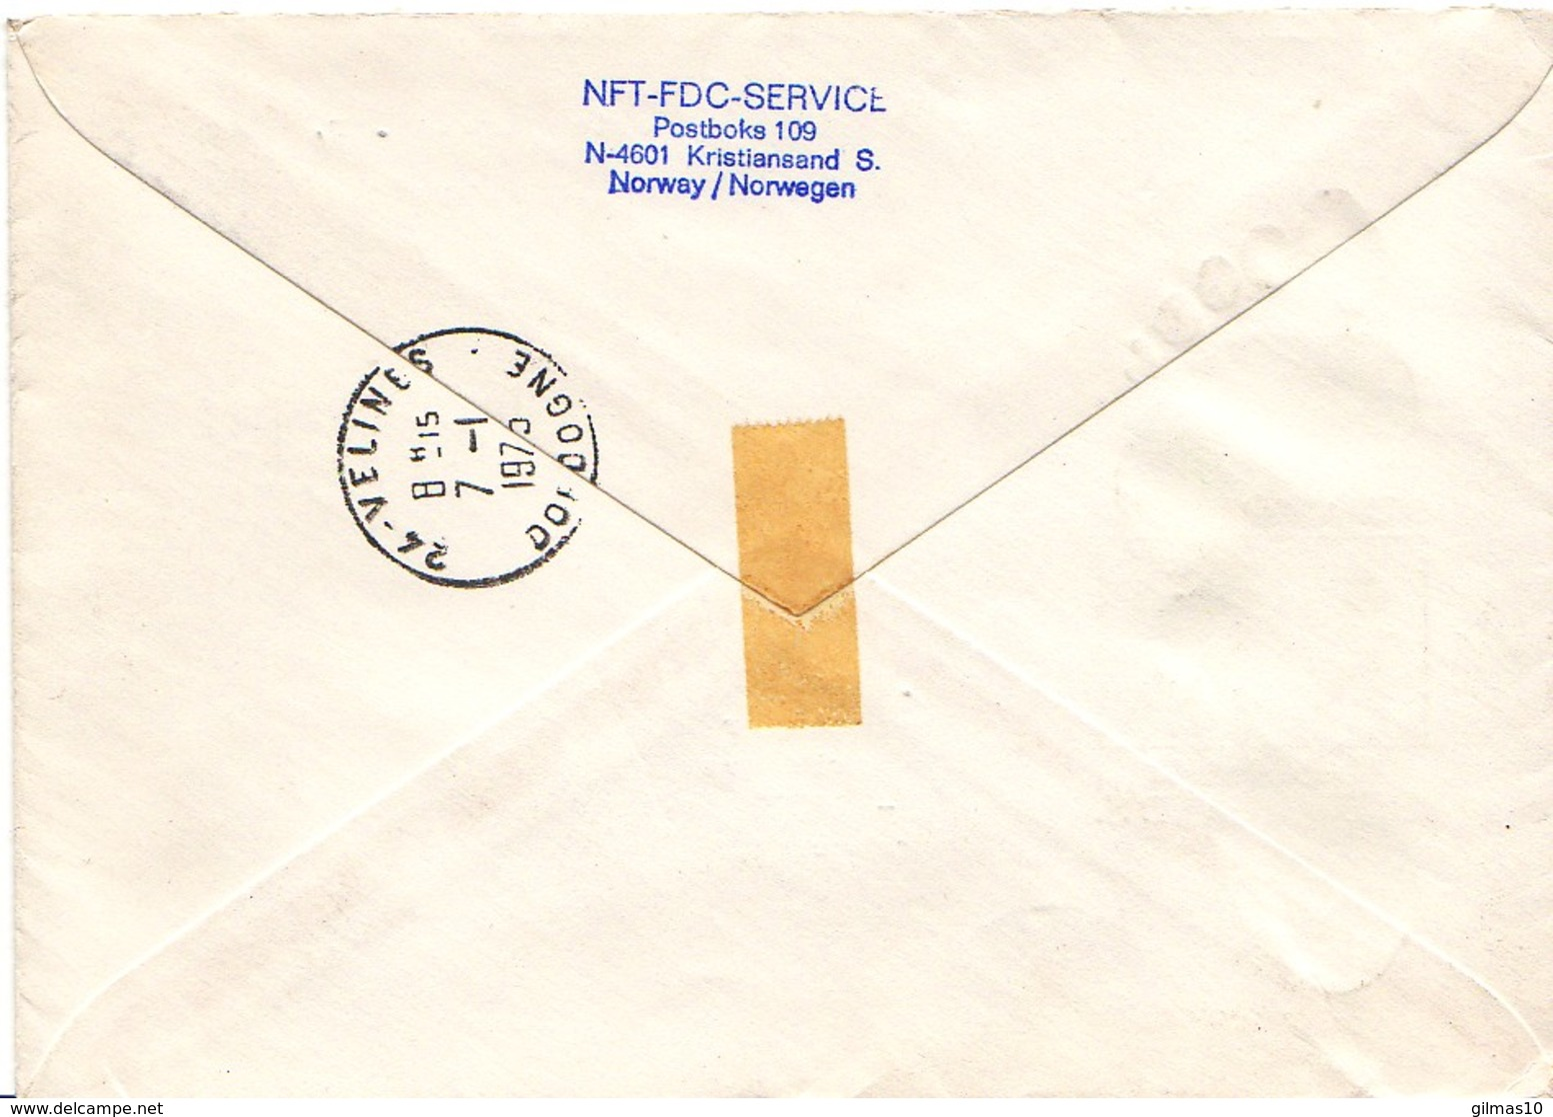 NORVEGE : 1974-1975 - Lettre Recommandée (remboursement) Pour La France - Lettres & Documents